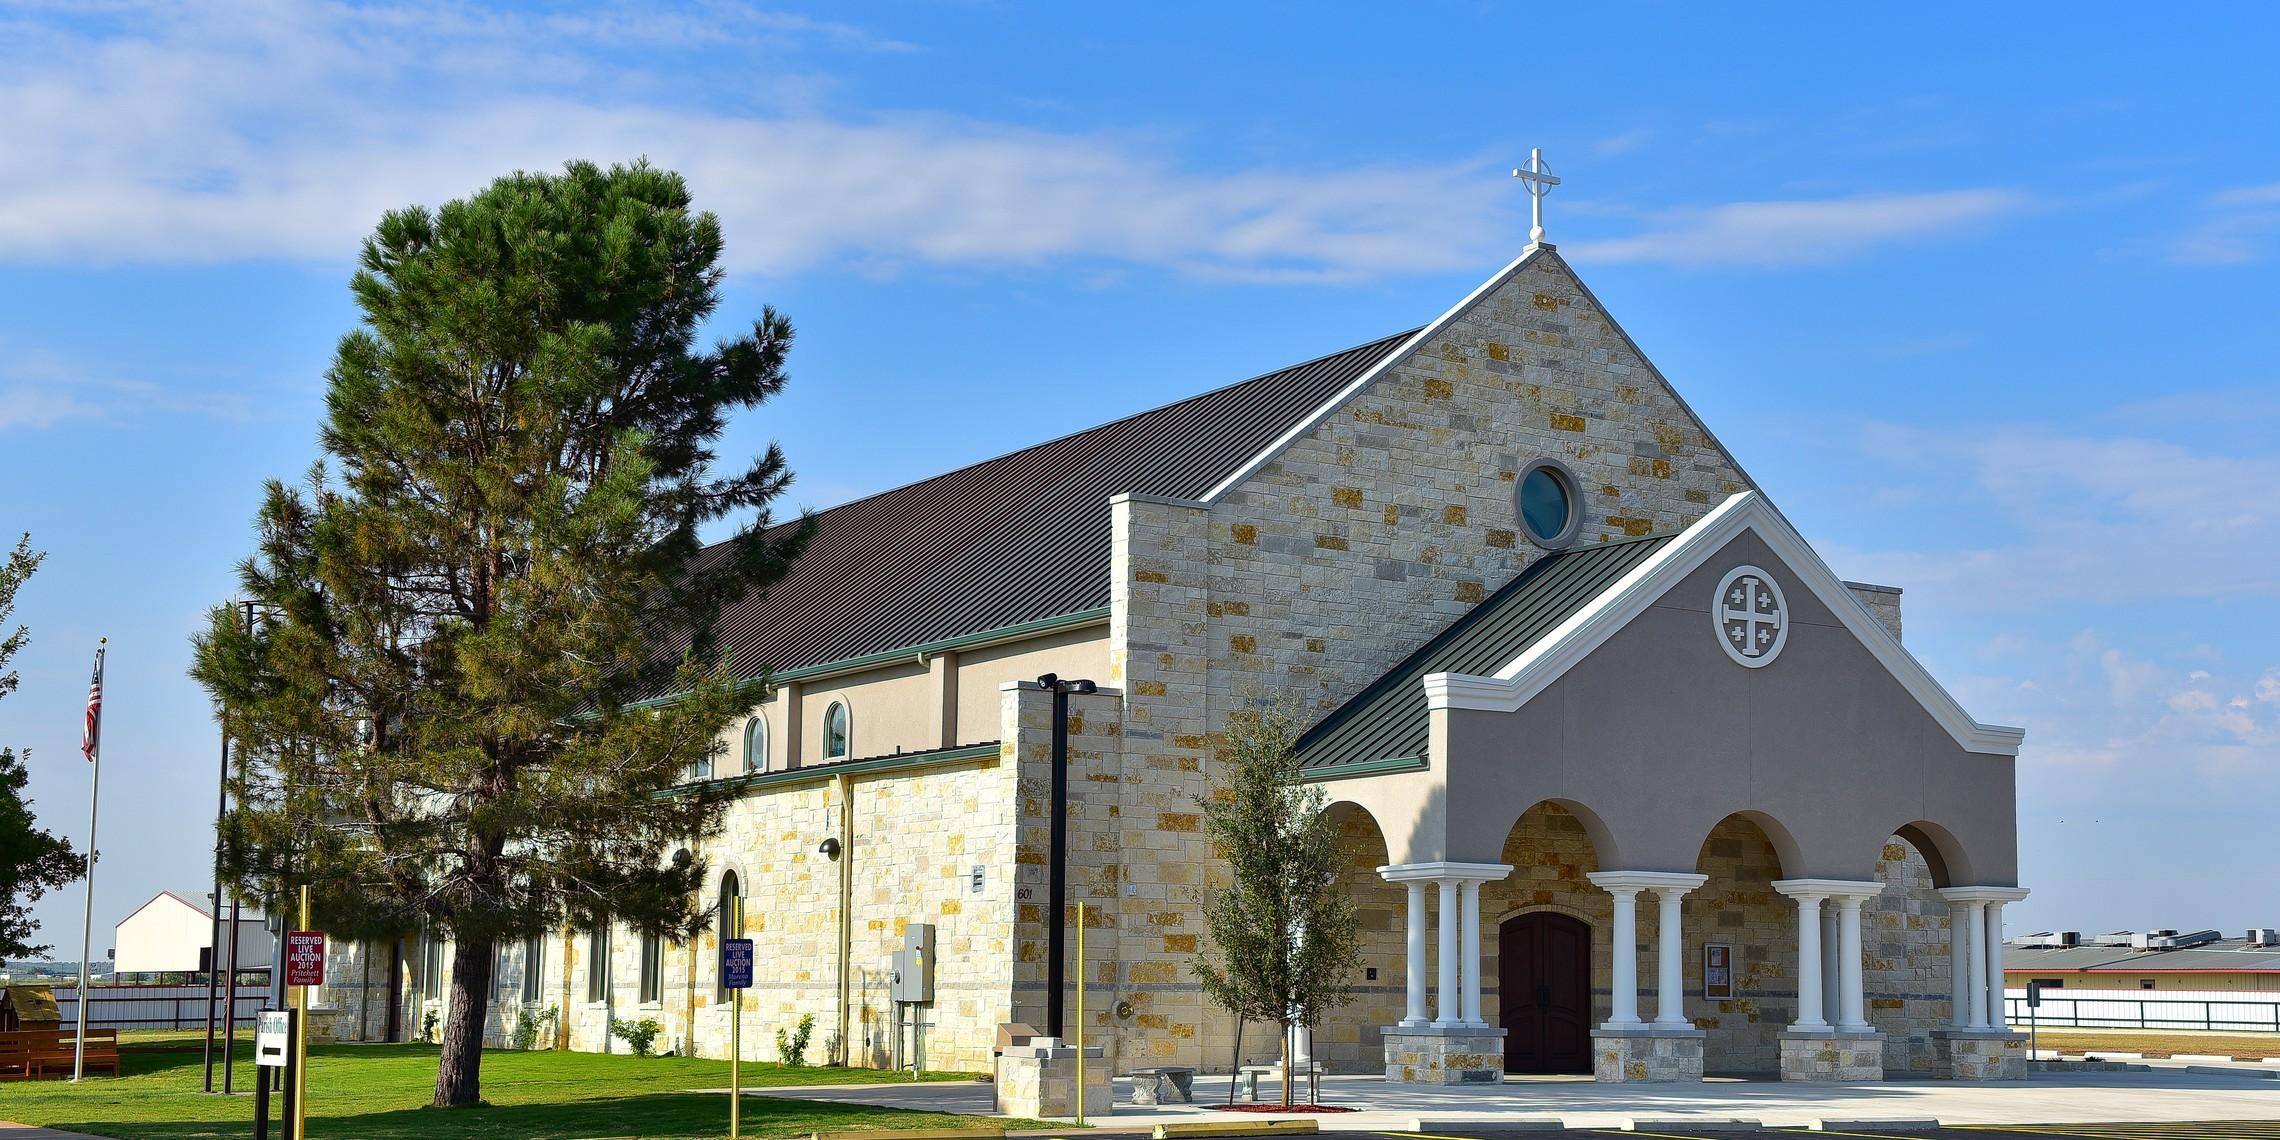 St Stephen East